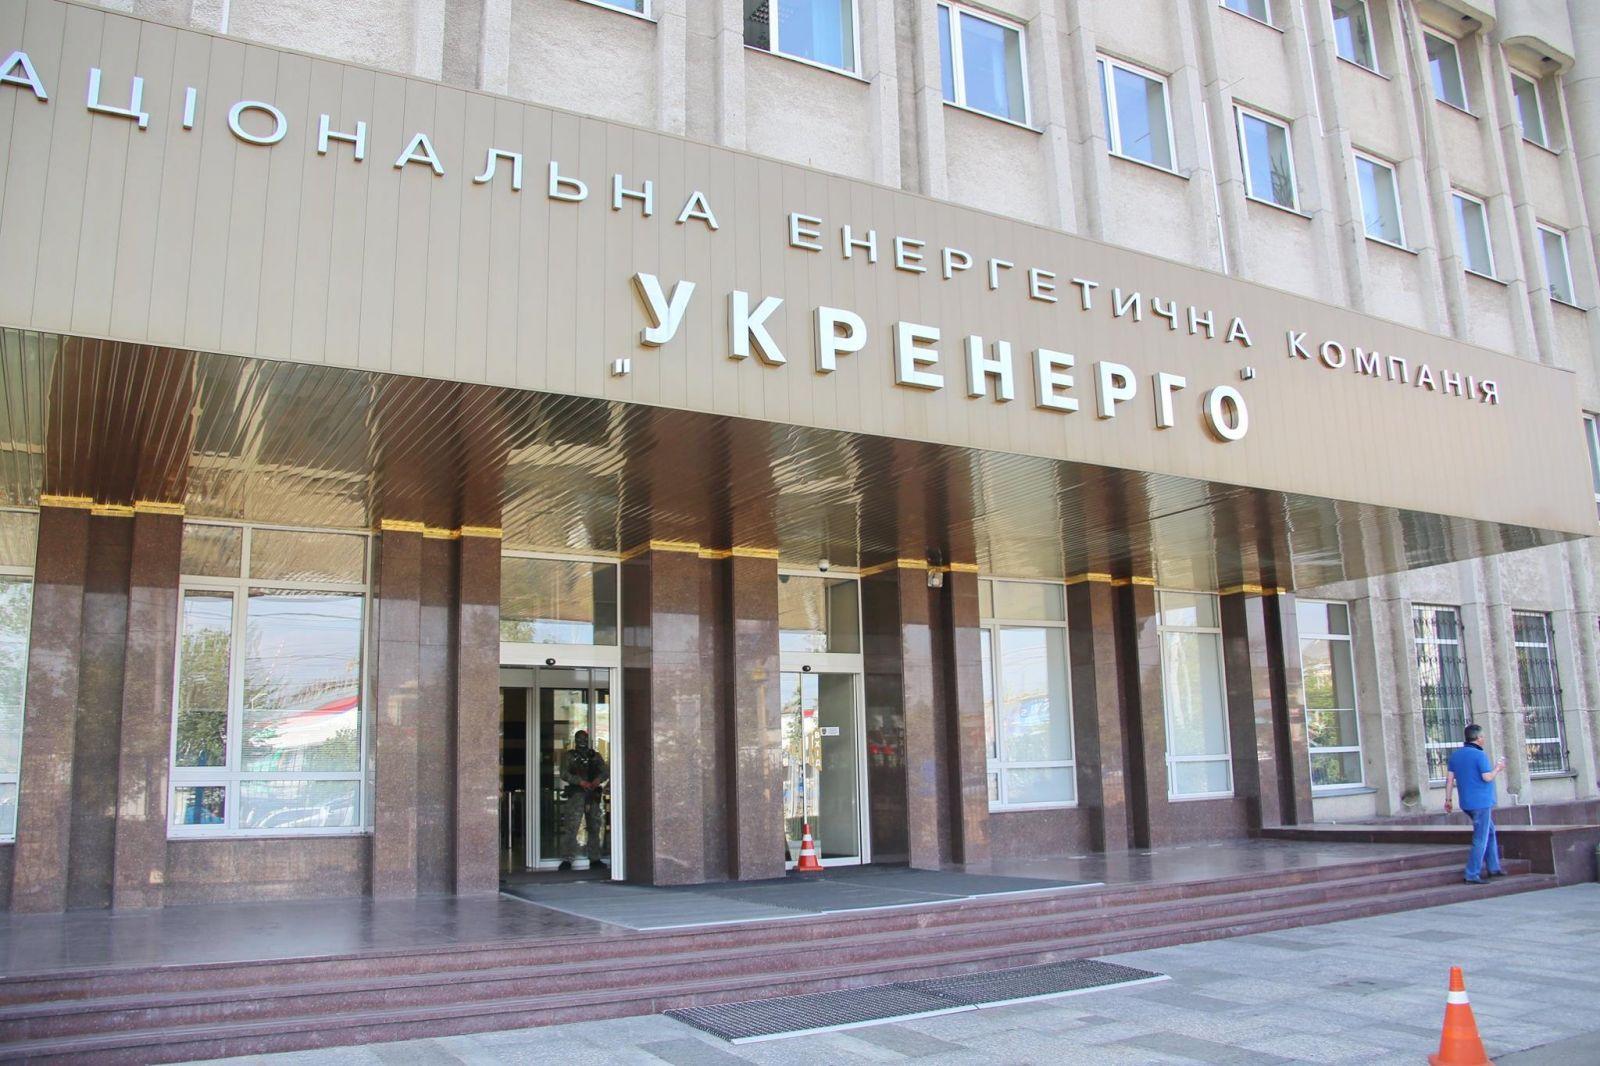 Министерство финансов утвердило финансовый план НЭК «Укрэнерго» на 2021 год